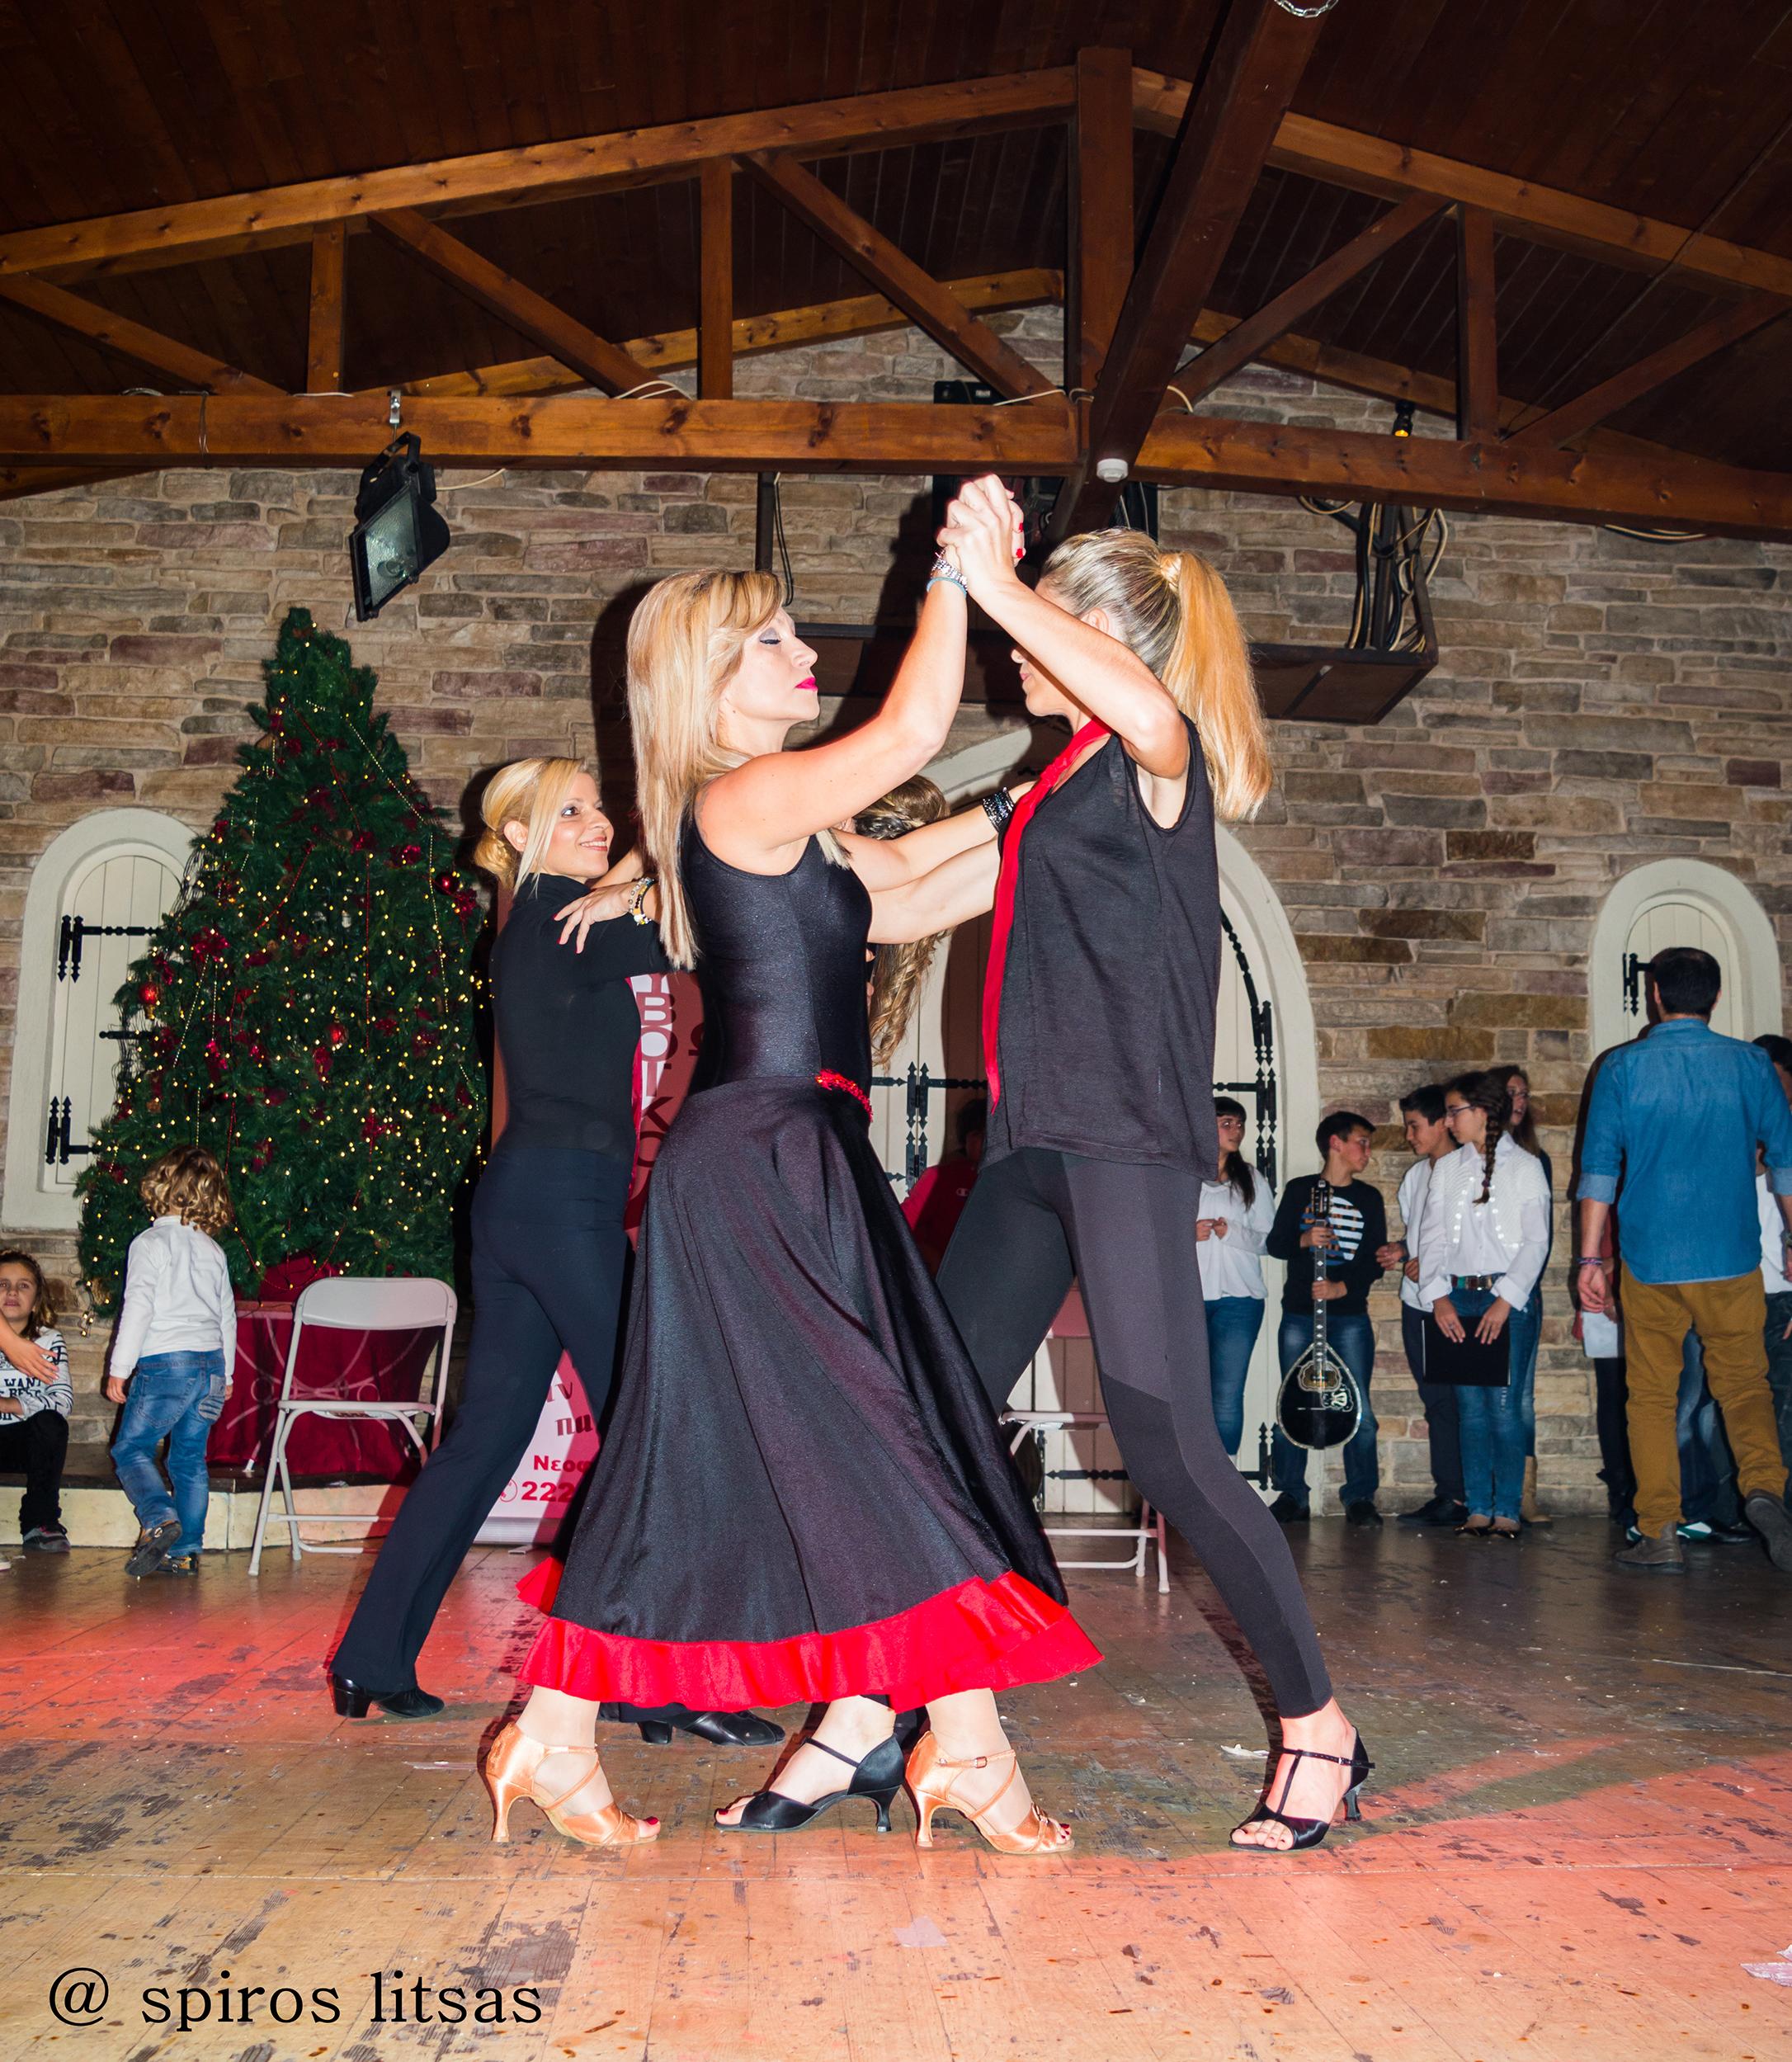 Χριστουγεννιάτικη εκδήλωση Dance Sianou 2016 Ορωπός